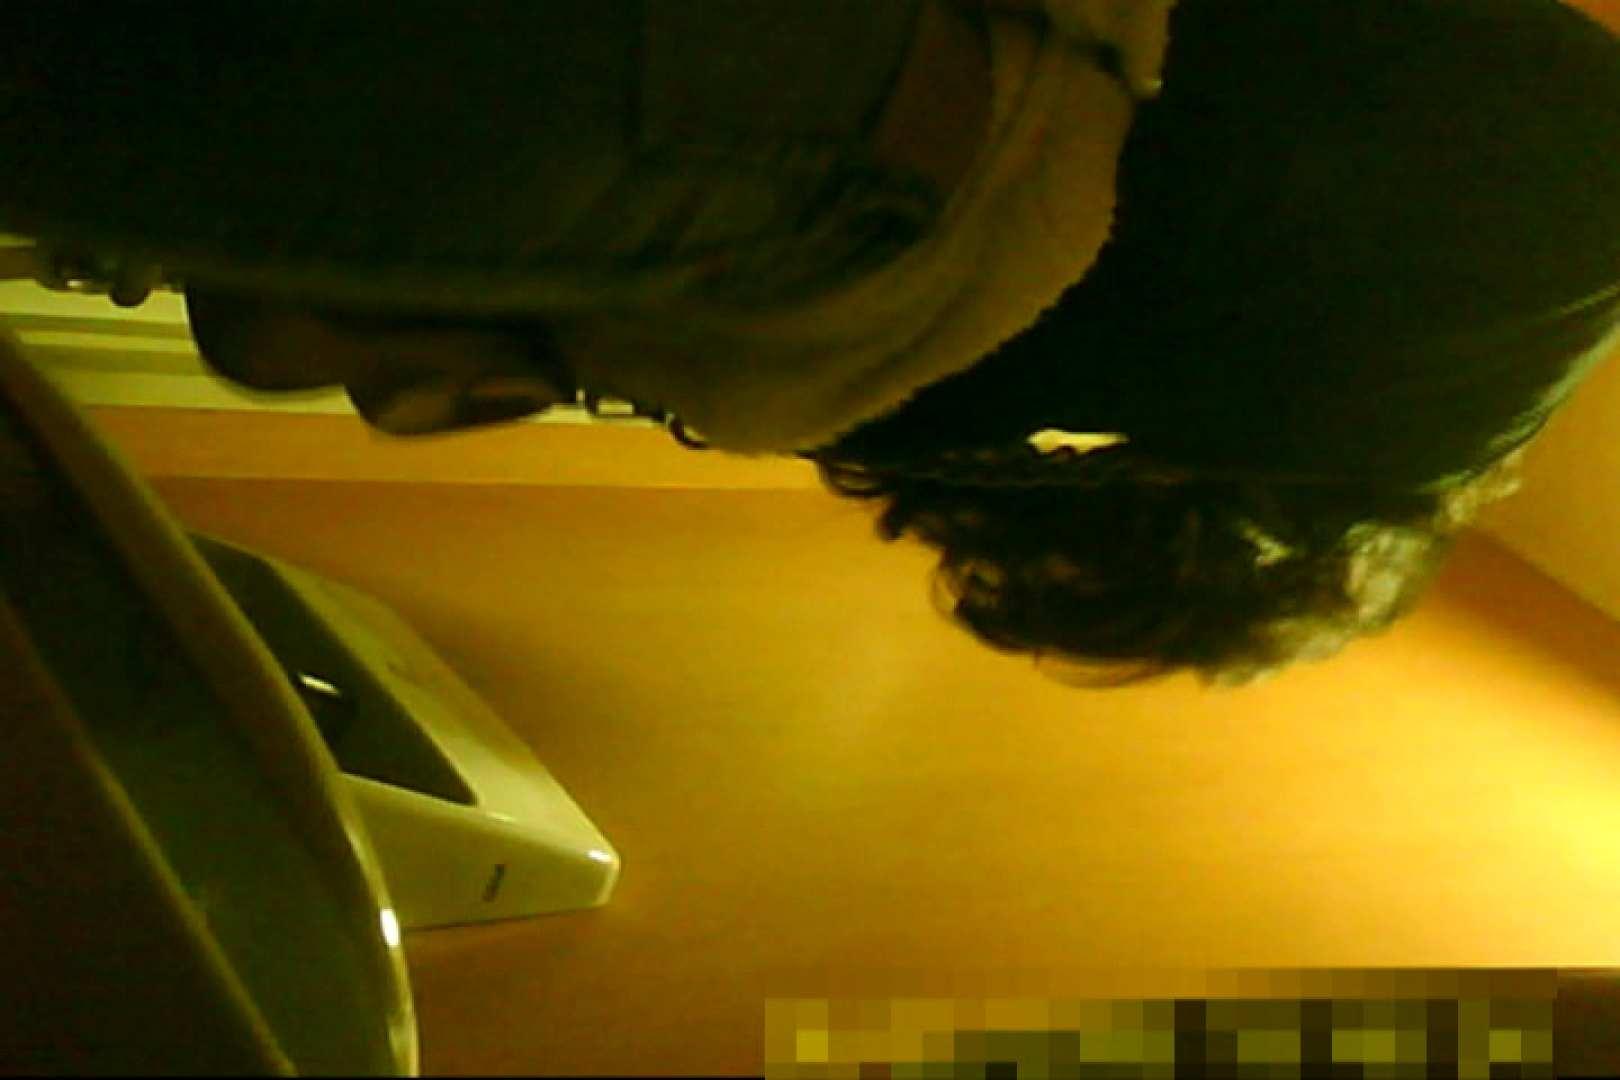 魅惑の化粧室~禁断のプライベート空間~14 プライベート投稿  76PIX 56